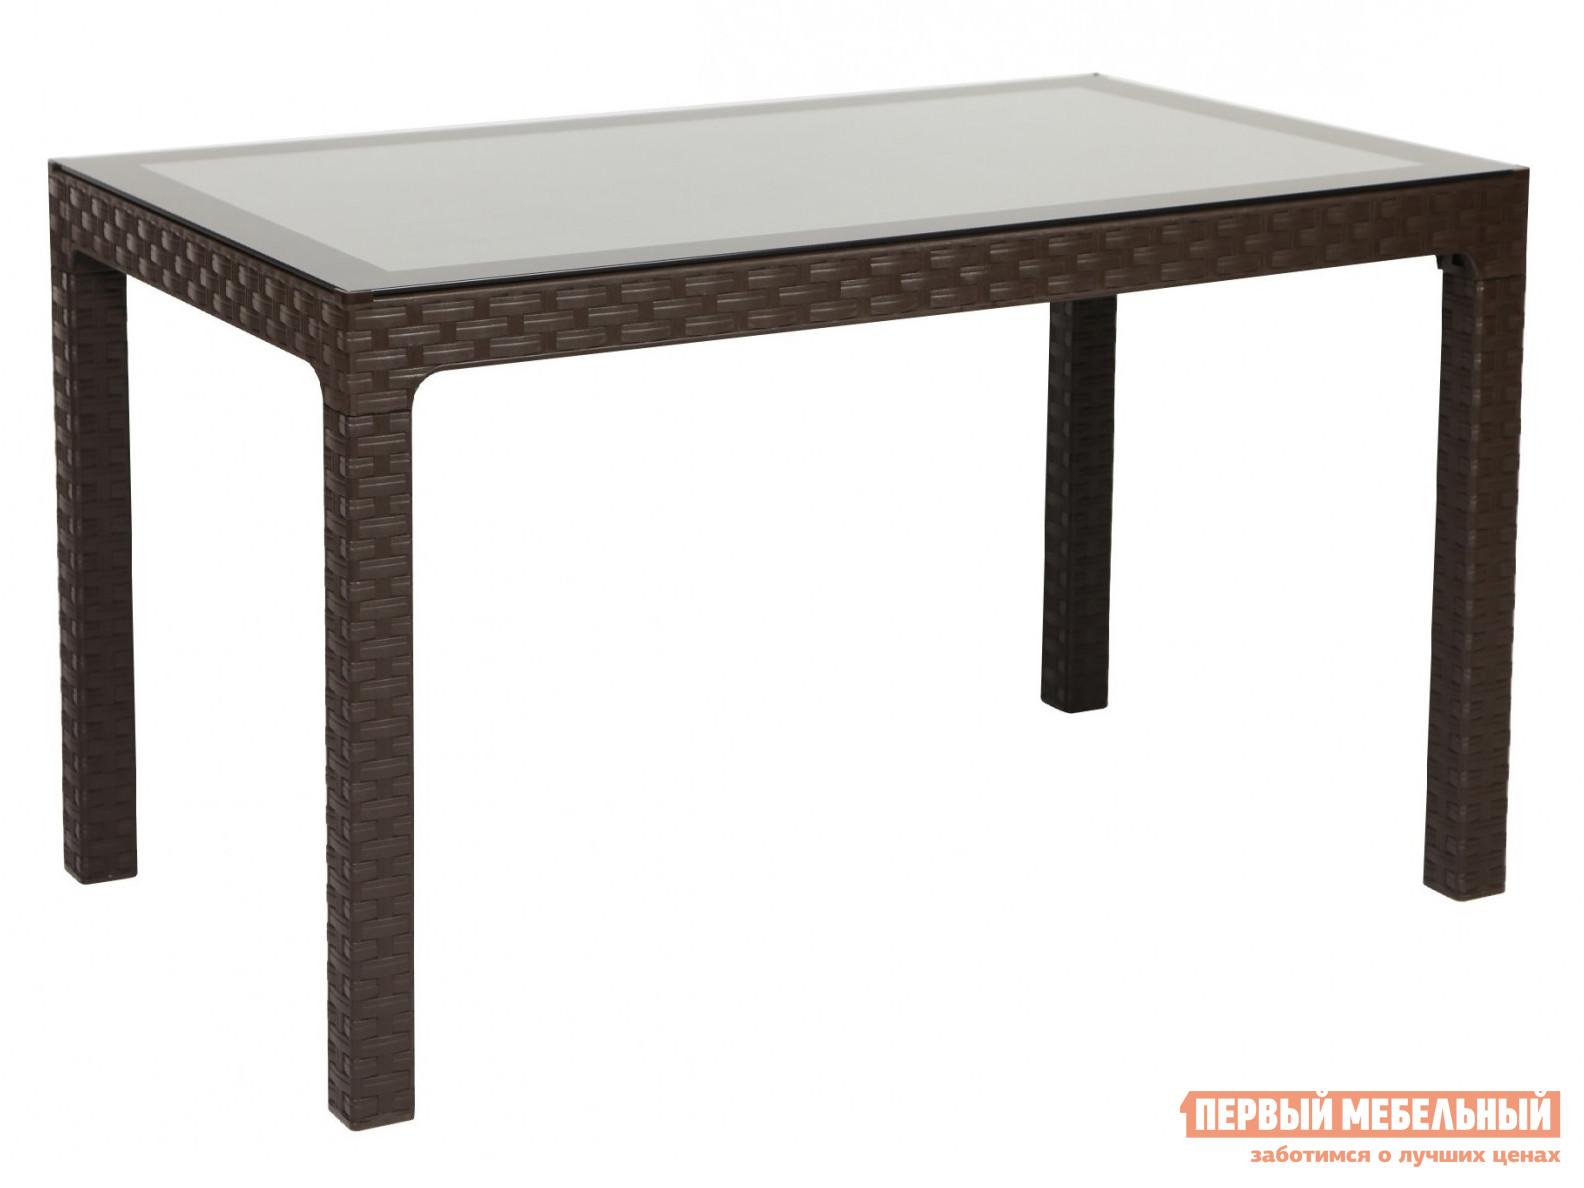 Садовый стол Рихаус Стол пластиковый Arizona со стеклом DEL/AR-R/80x140/GL/W/